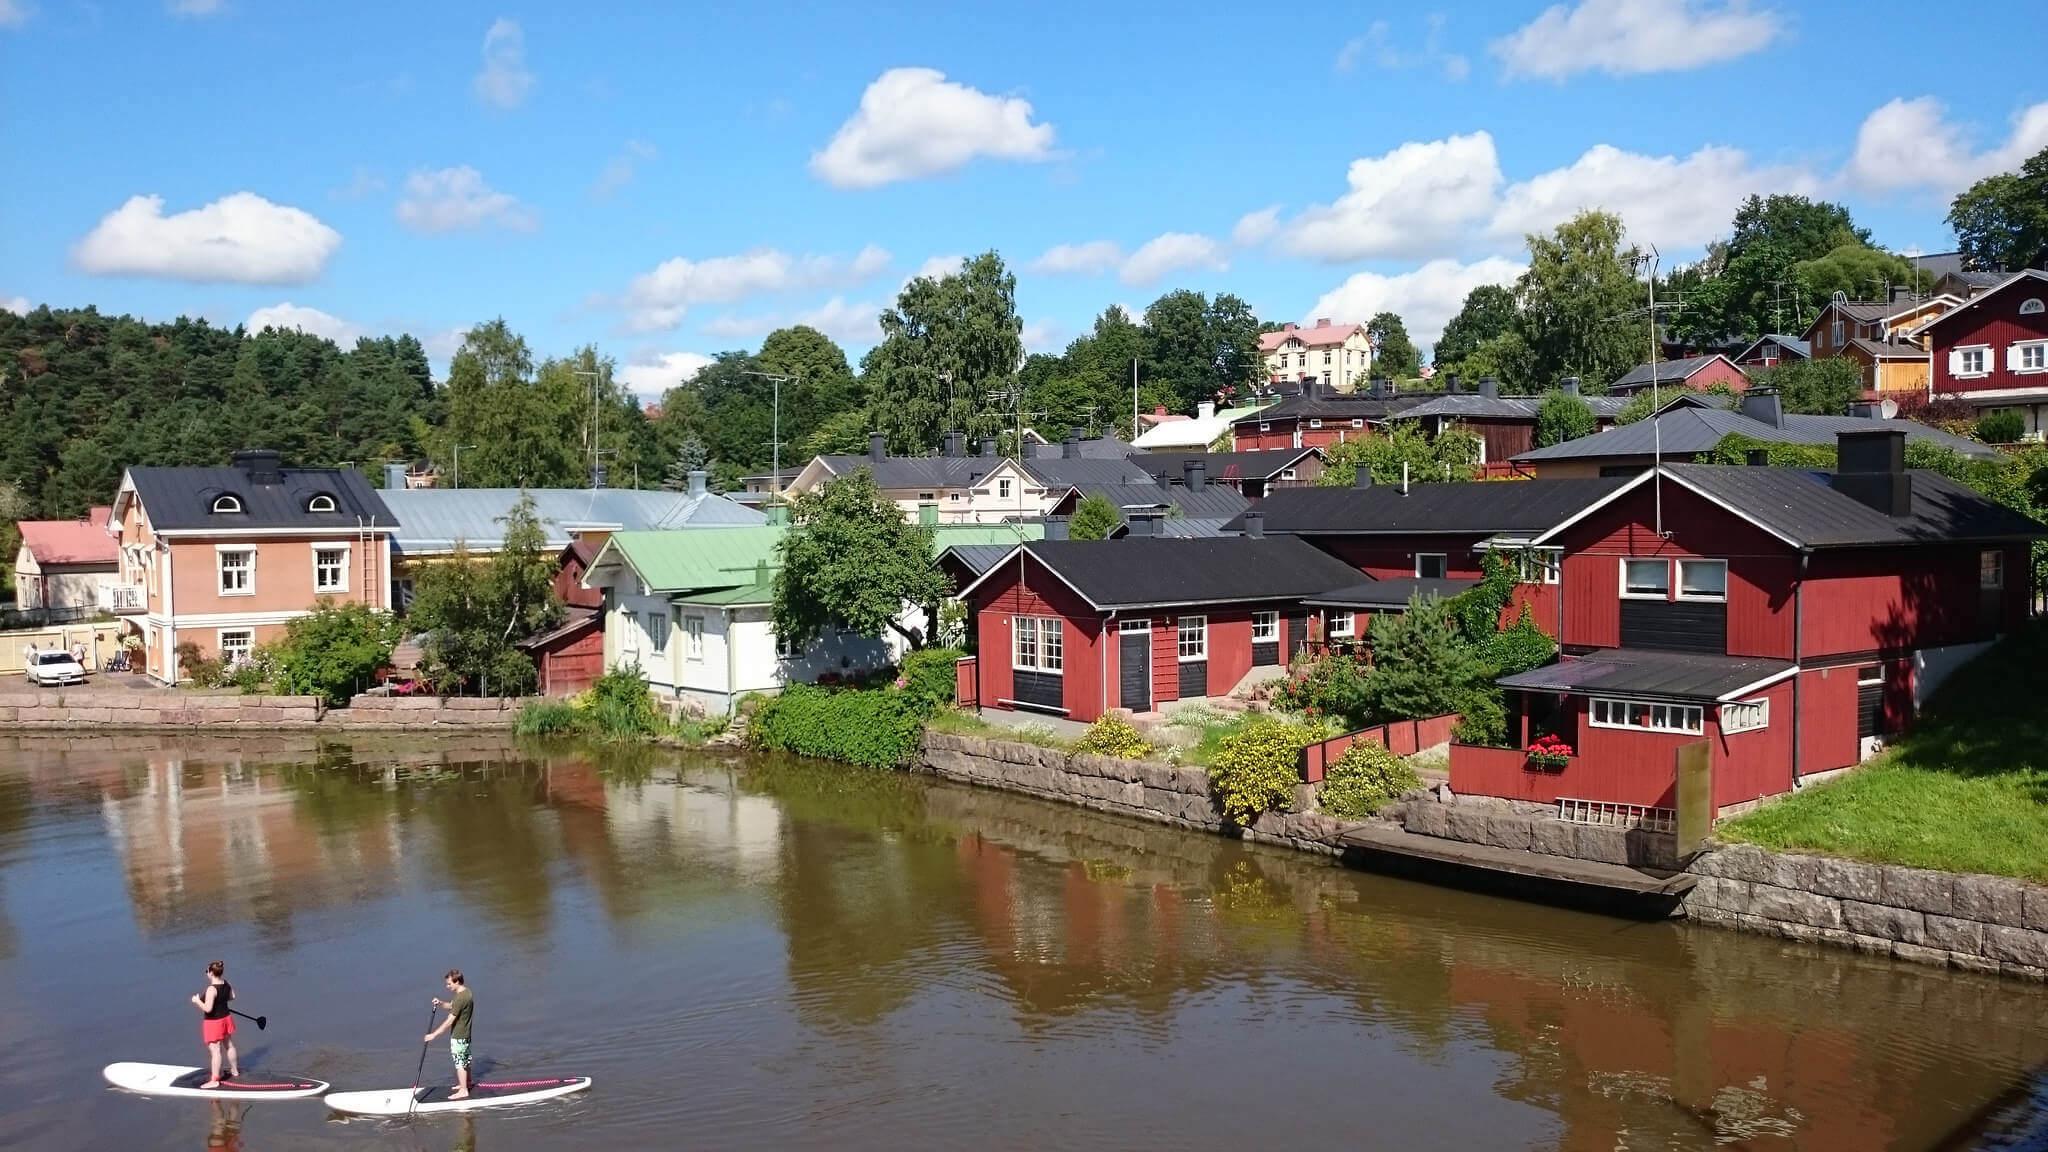 Лучшая страна в мире Финляндия по рейтингу The Good Country Index 2019 года